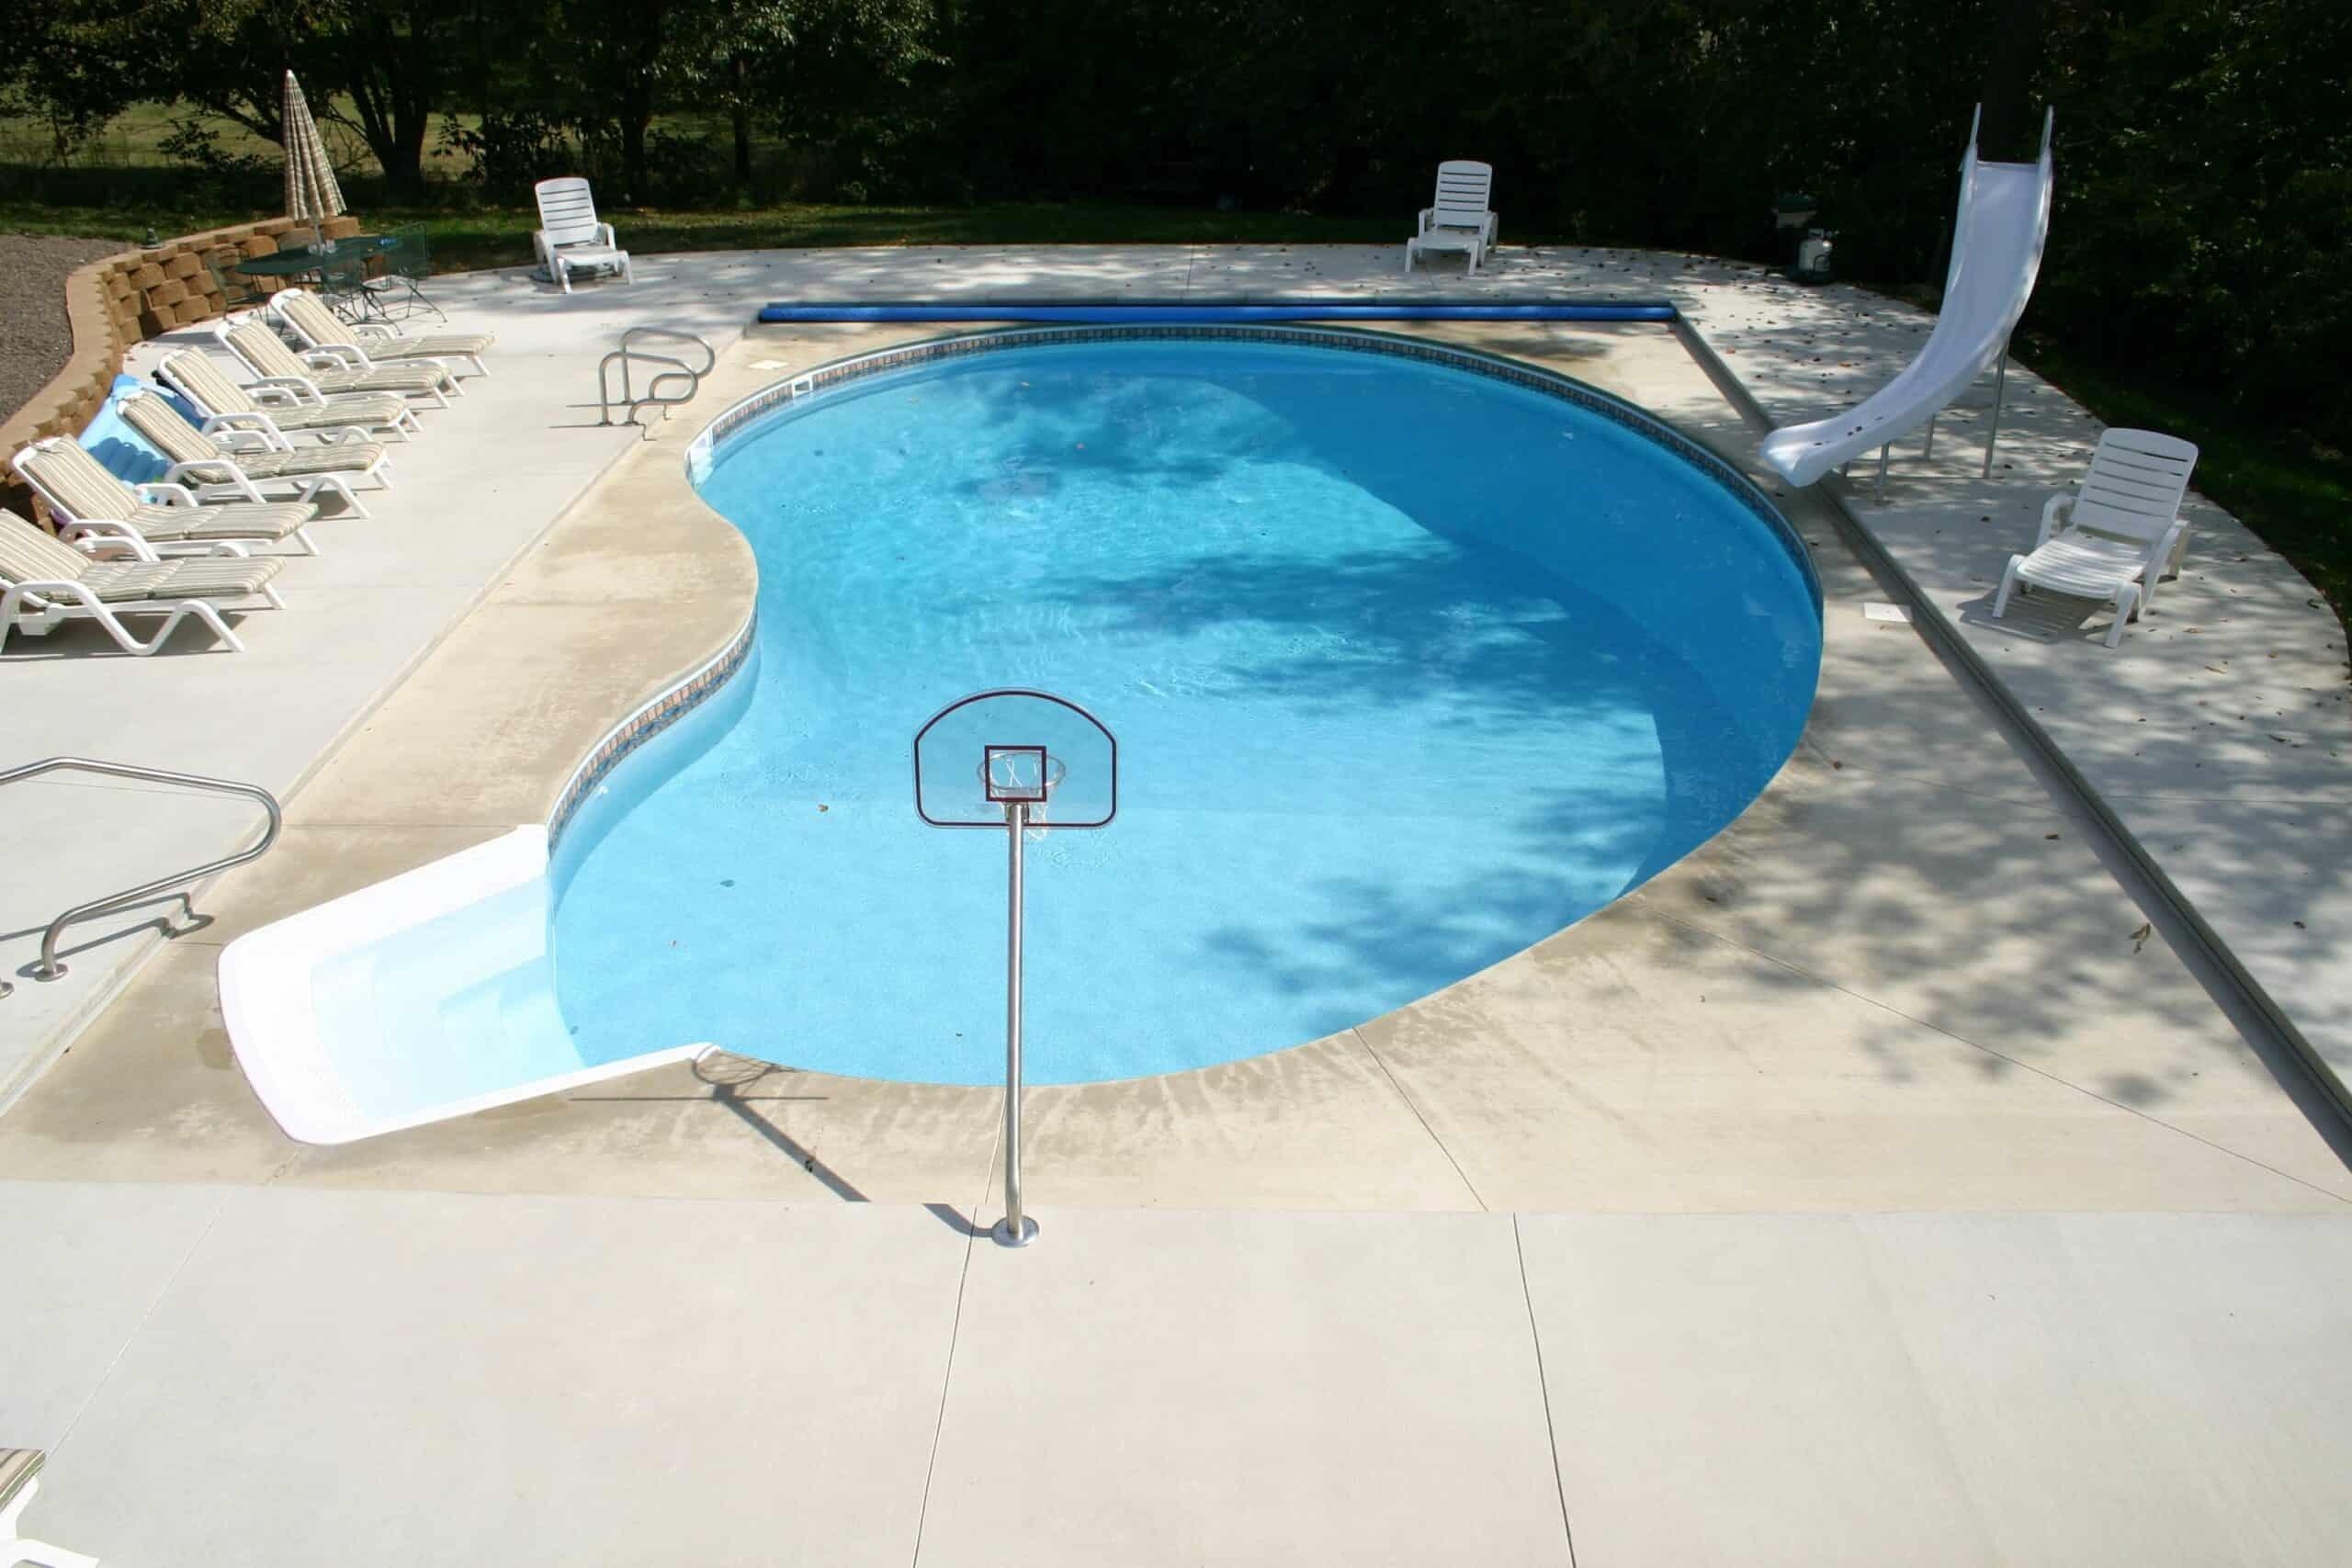 burton swimming pool in backyard